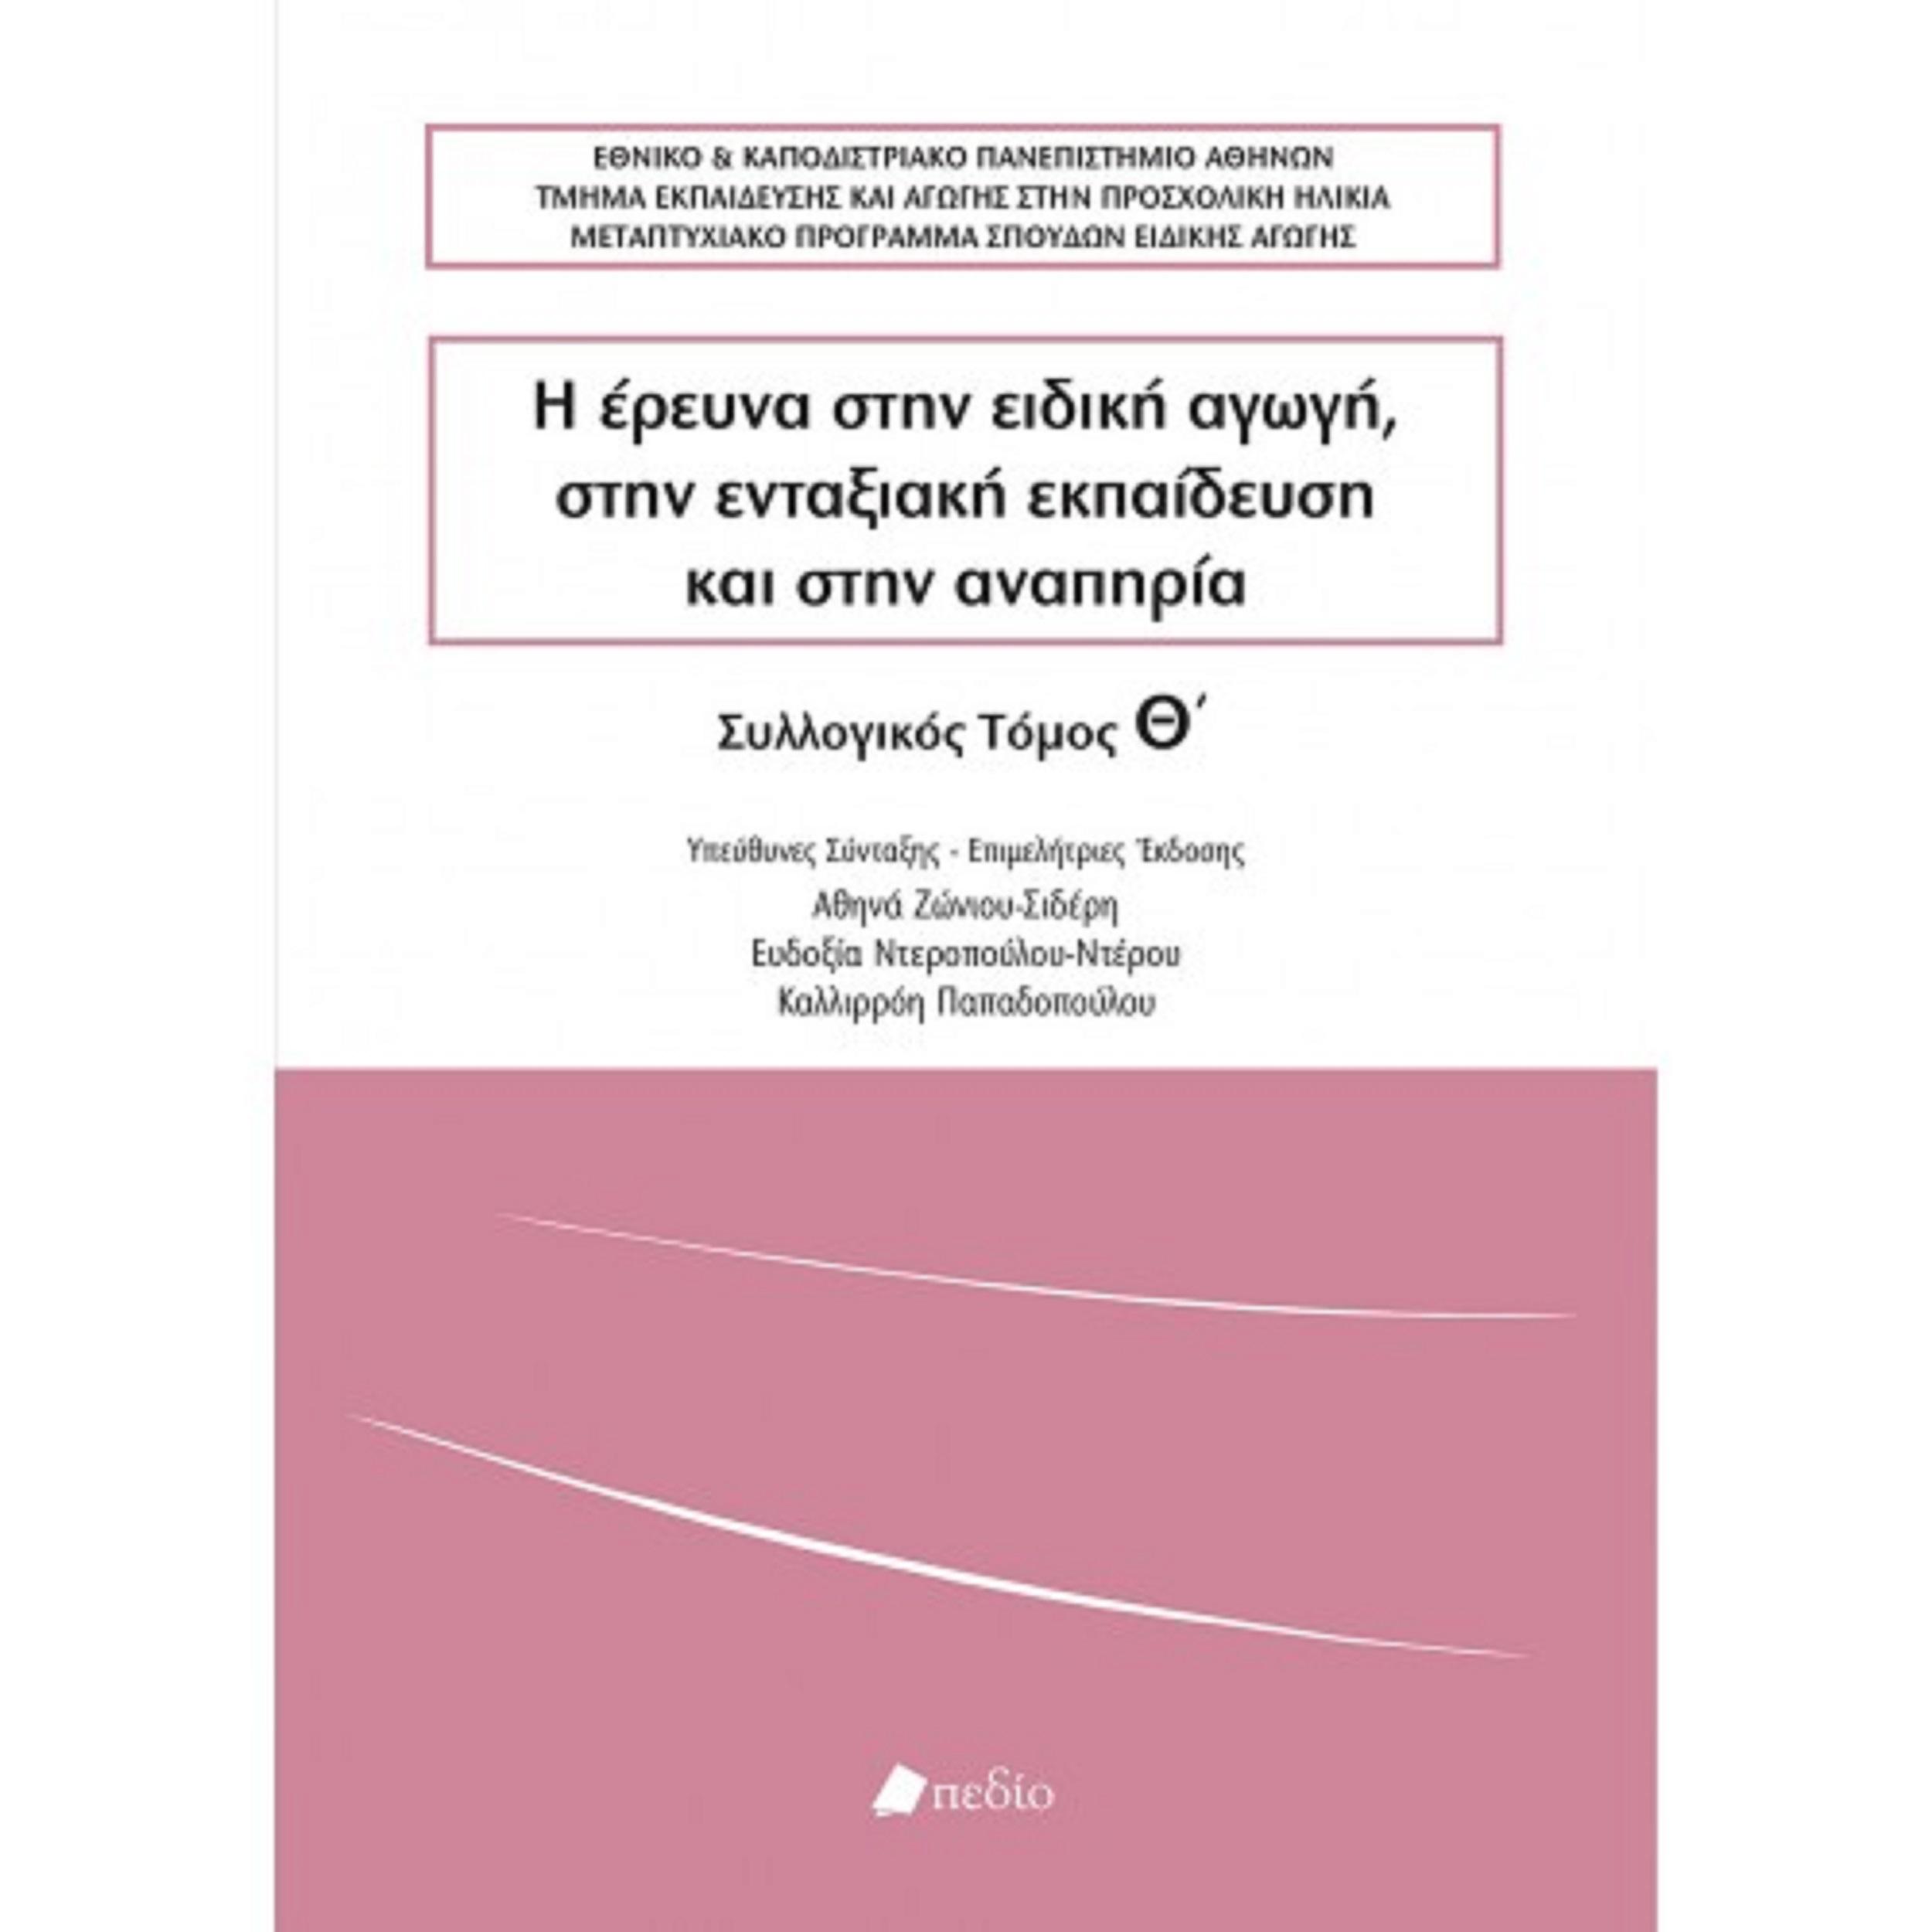 Η έρευνα στην ειδική αγωγή, στην ενταξιακή εκπαίδευση και στην αναπηρία, Συλλογικός Τόμος Θ΄ , Συλλογικό έργο, Πεδίο, 2020